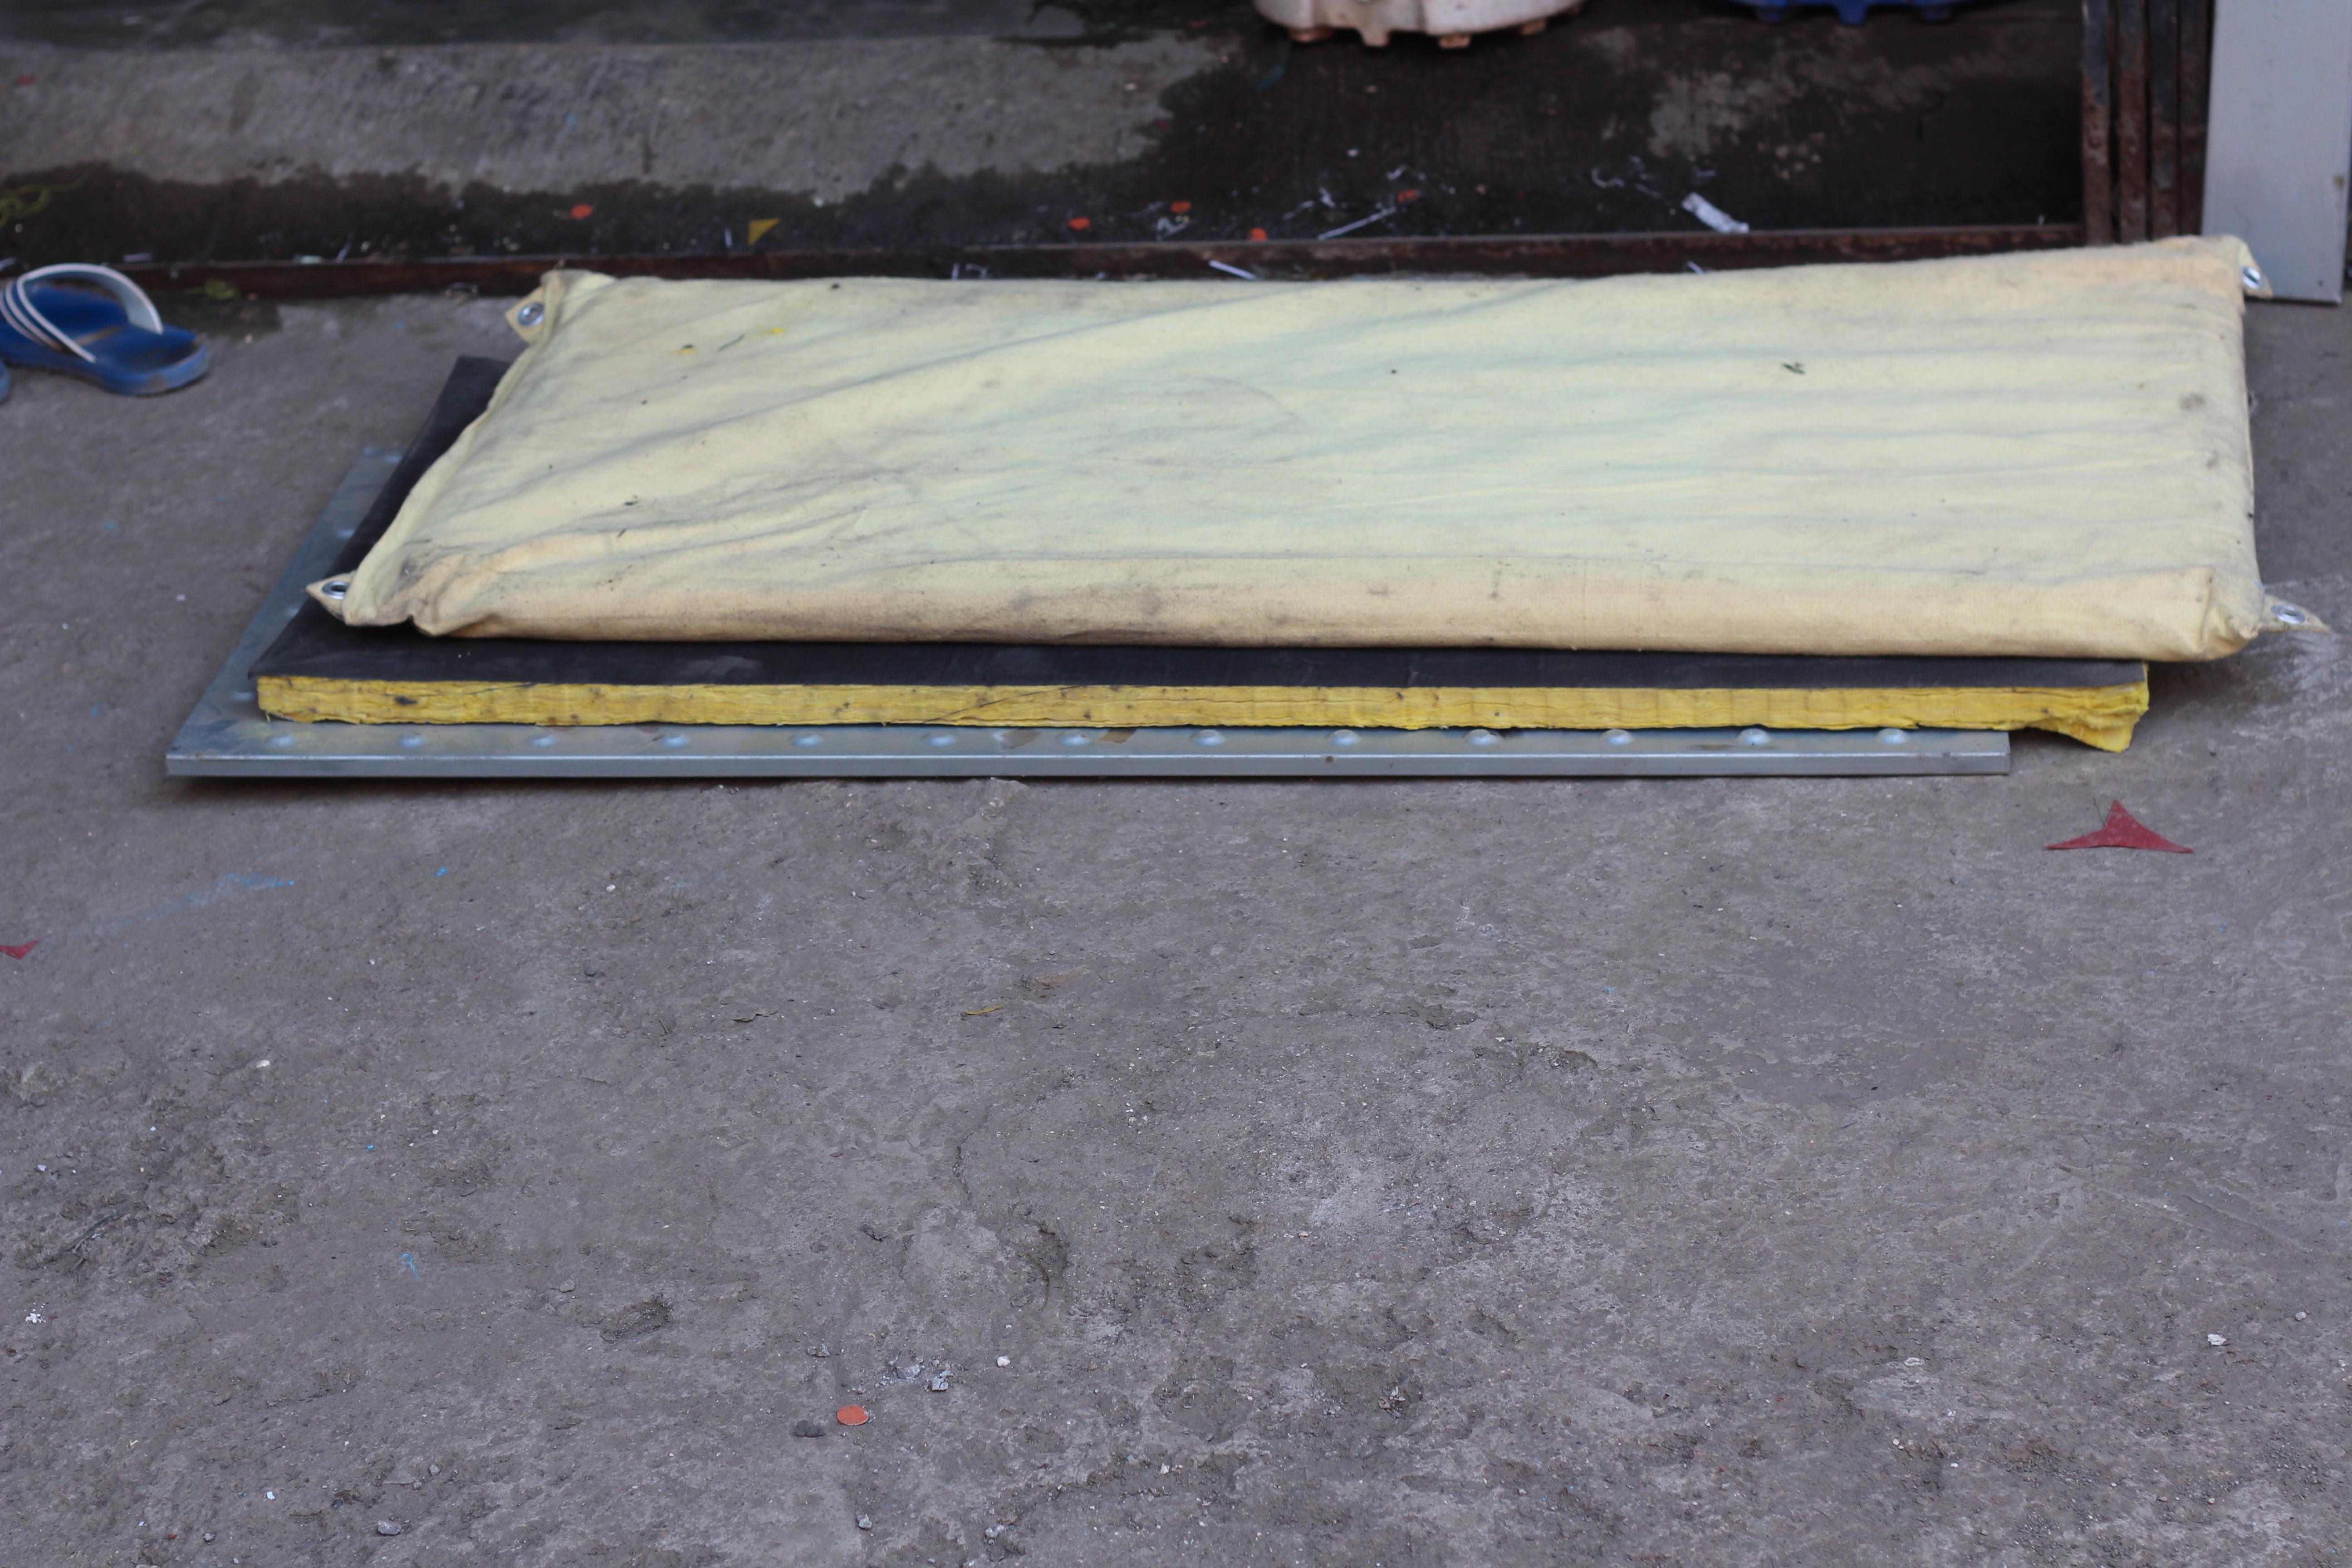 Welding Heat Resistant Pad